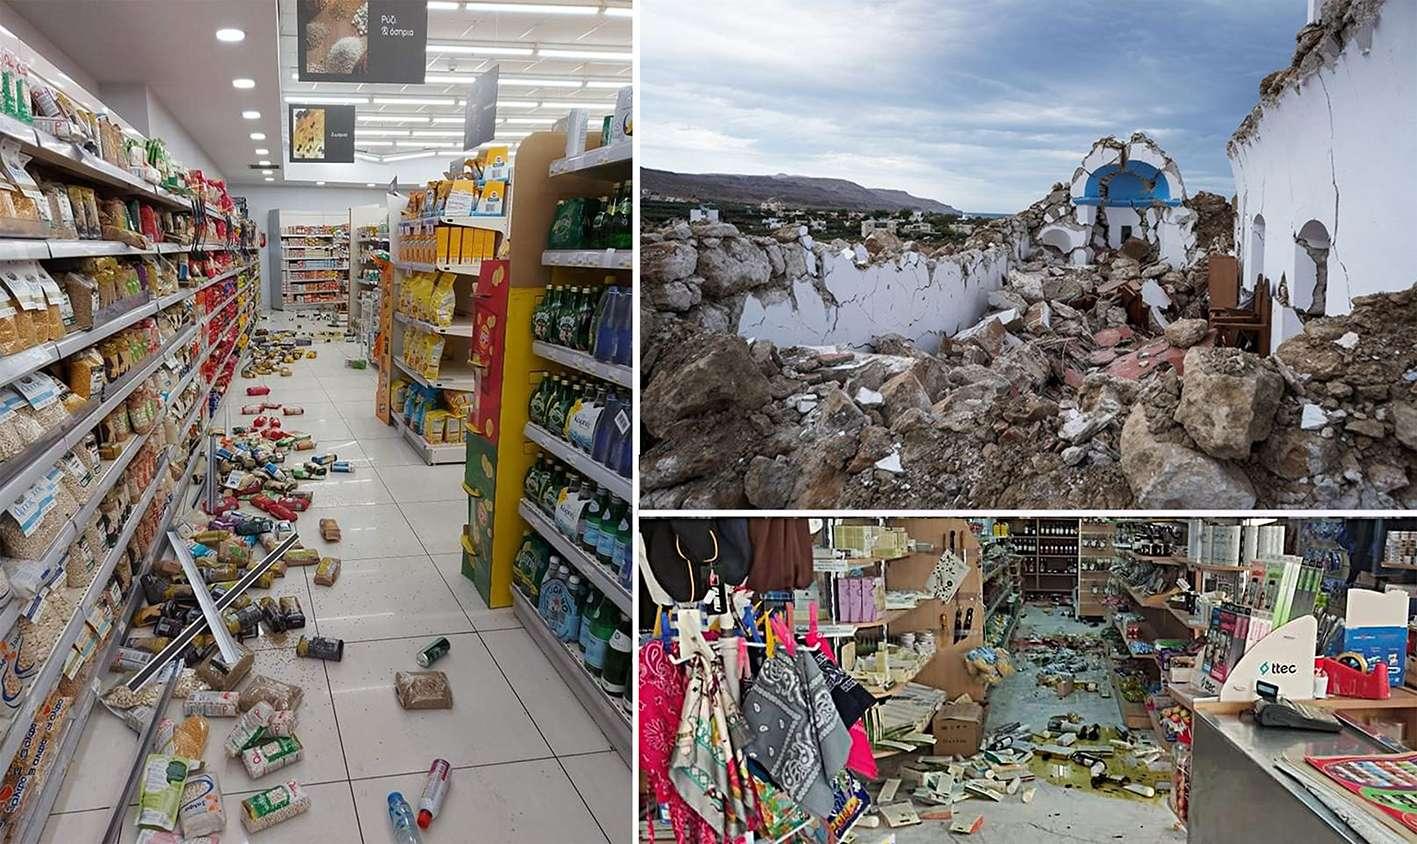 Κρήτη σεισμός 63 Ρίχτερ